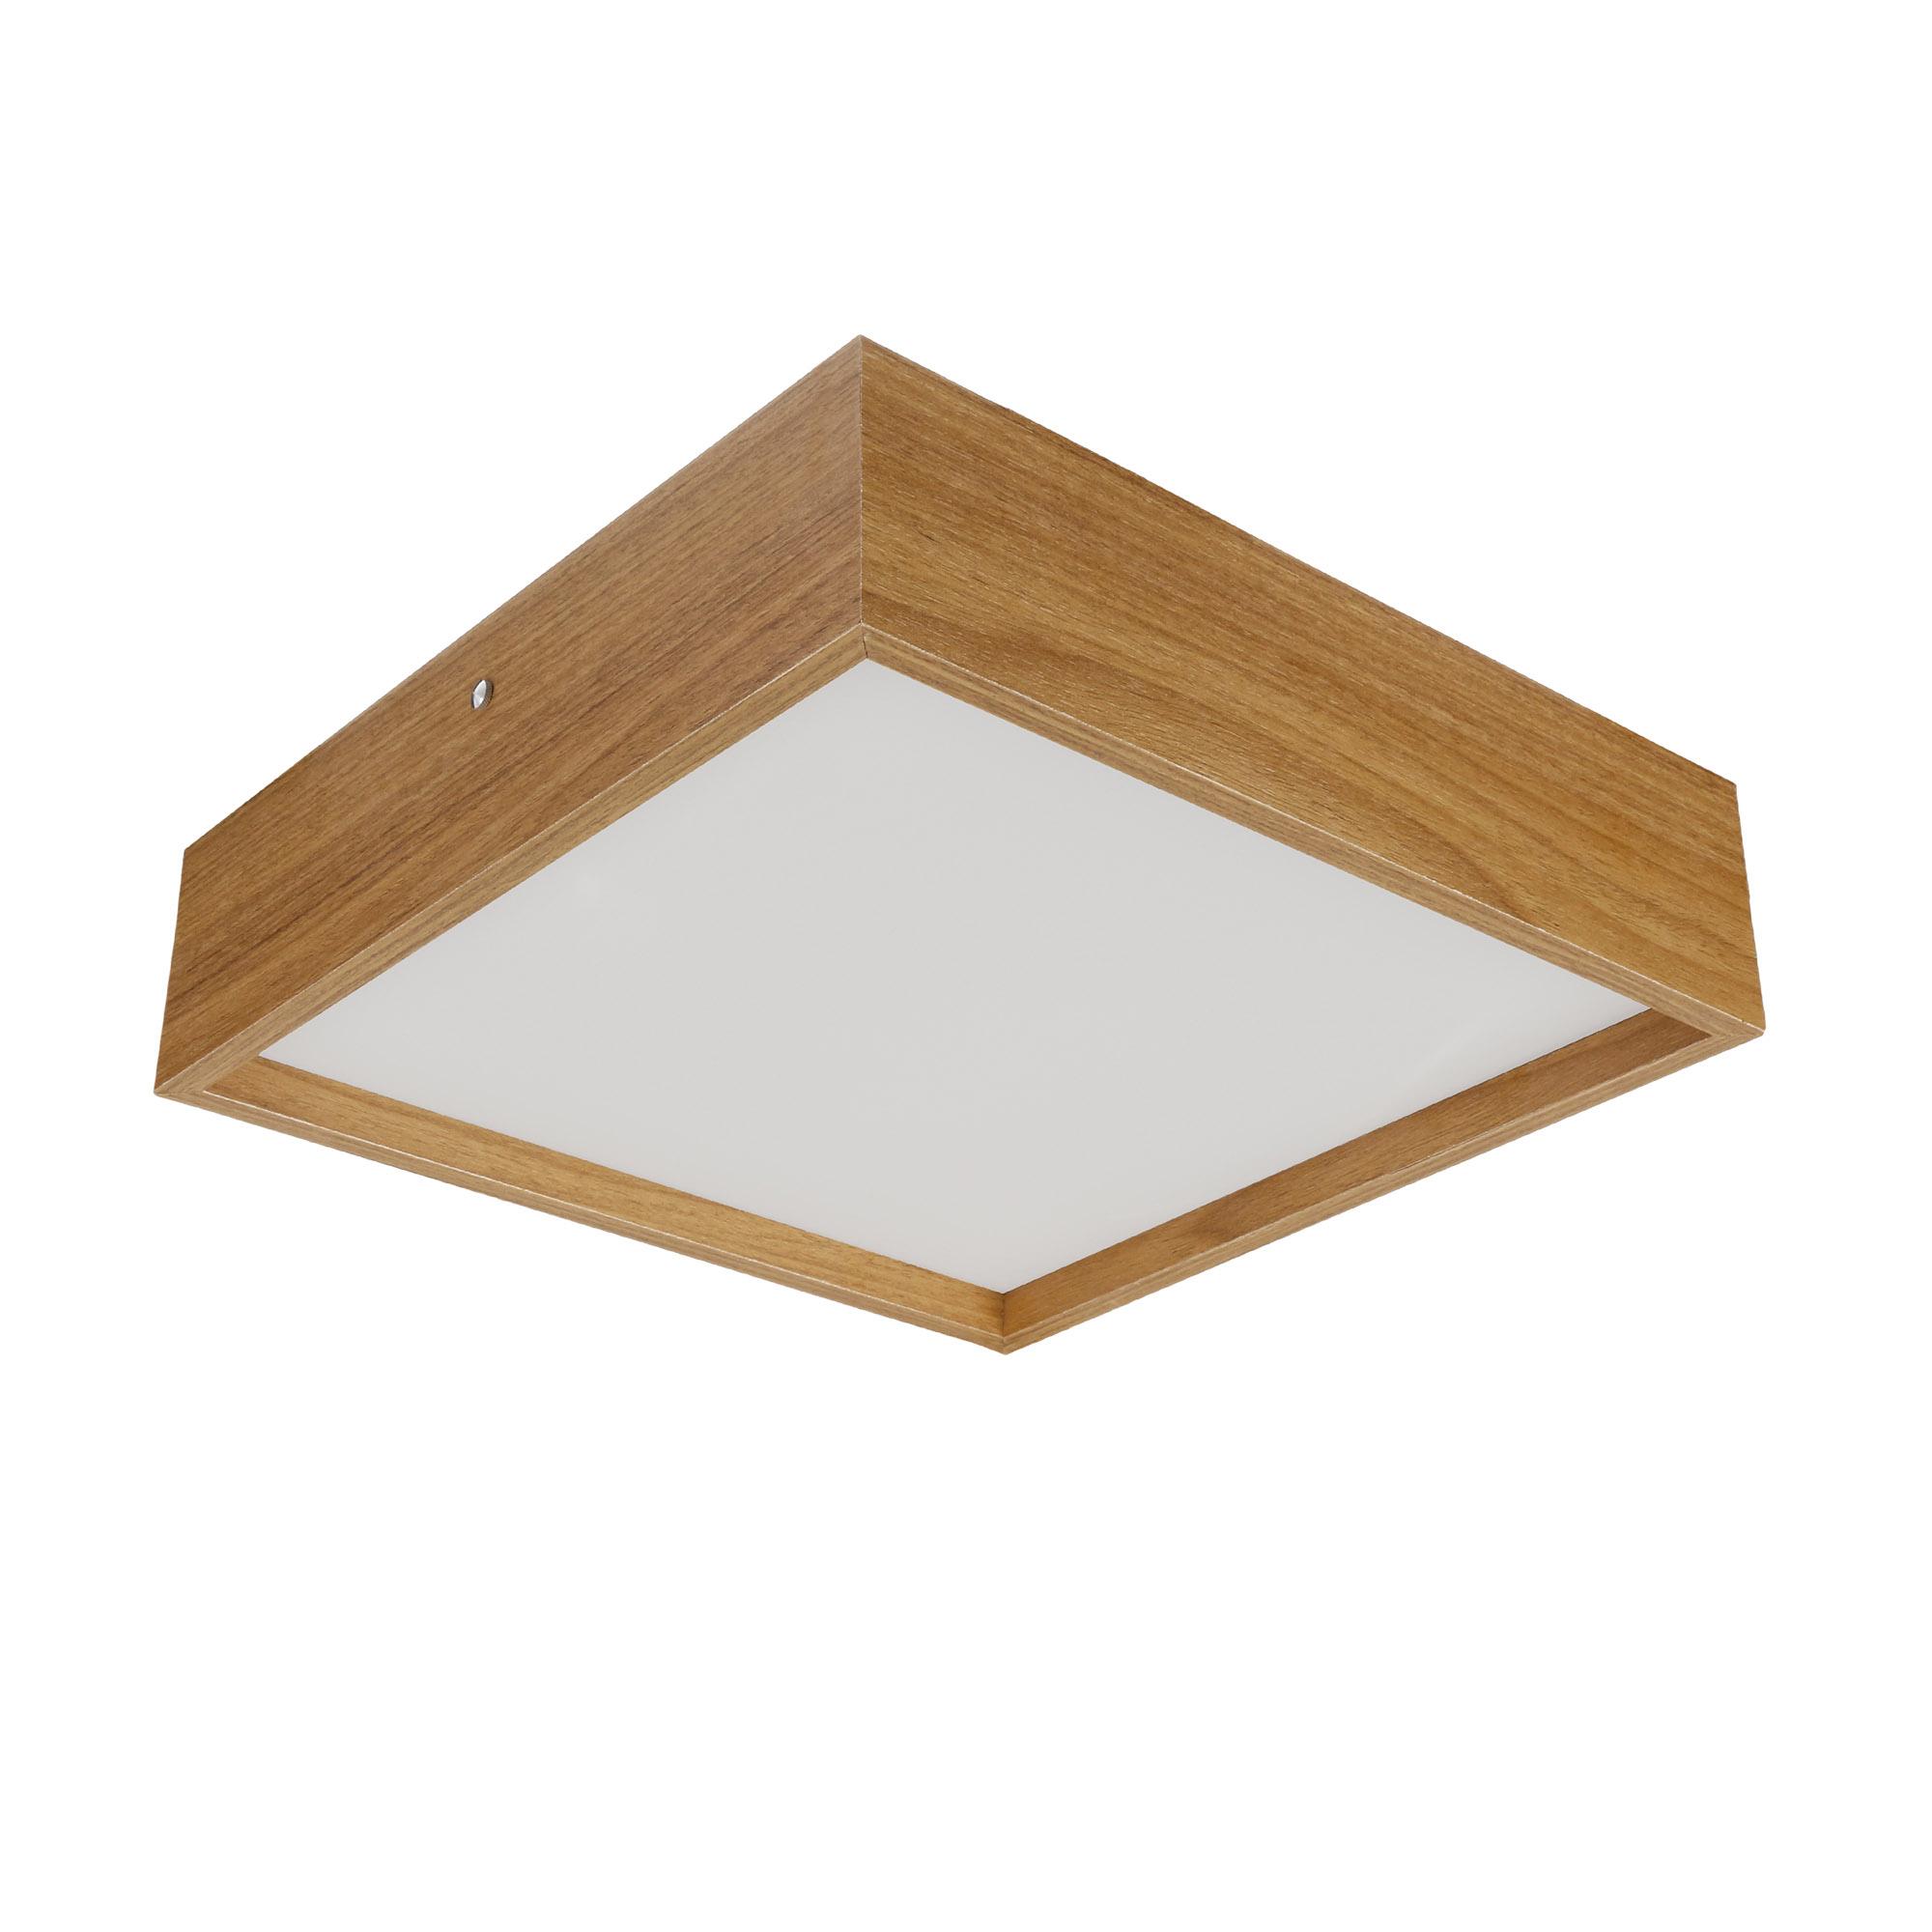 Plafon Quadrado Madeira 60x60cm 4 luzes Freijó